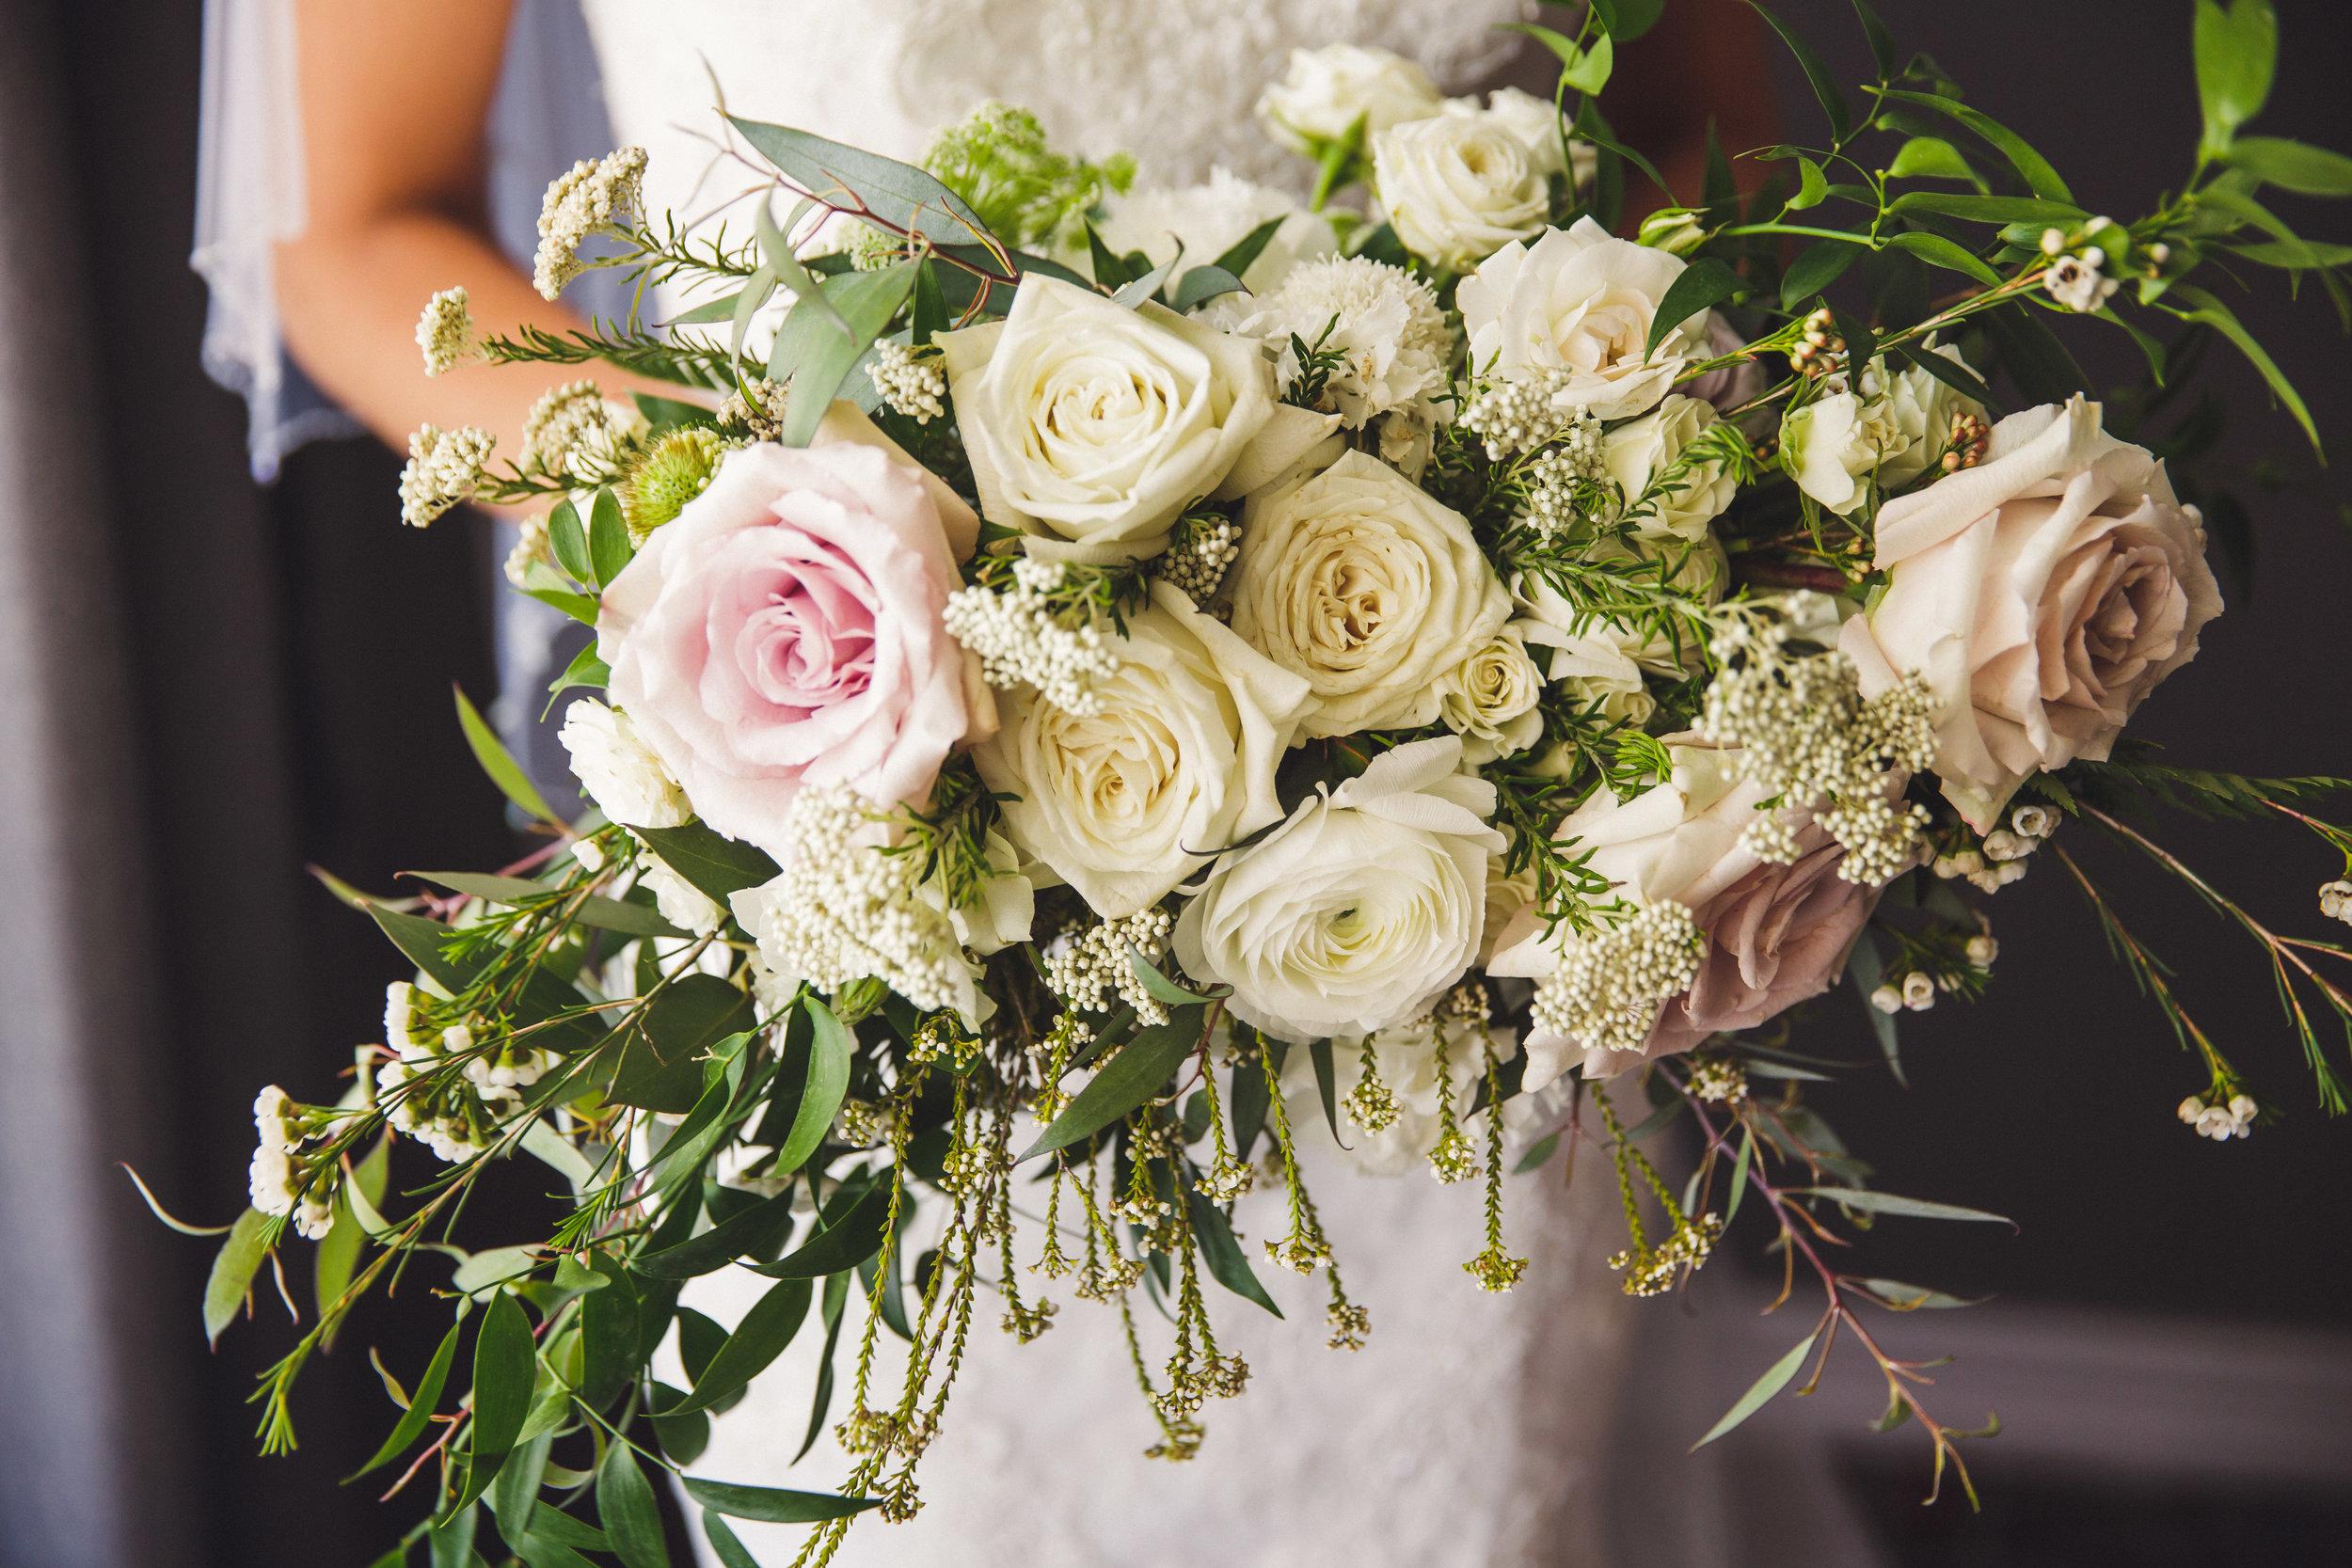 the-bloom-closet-bouquet.JPG